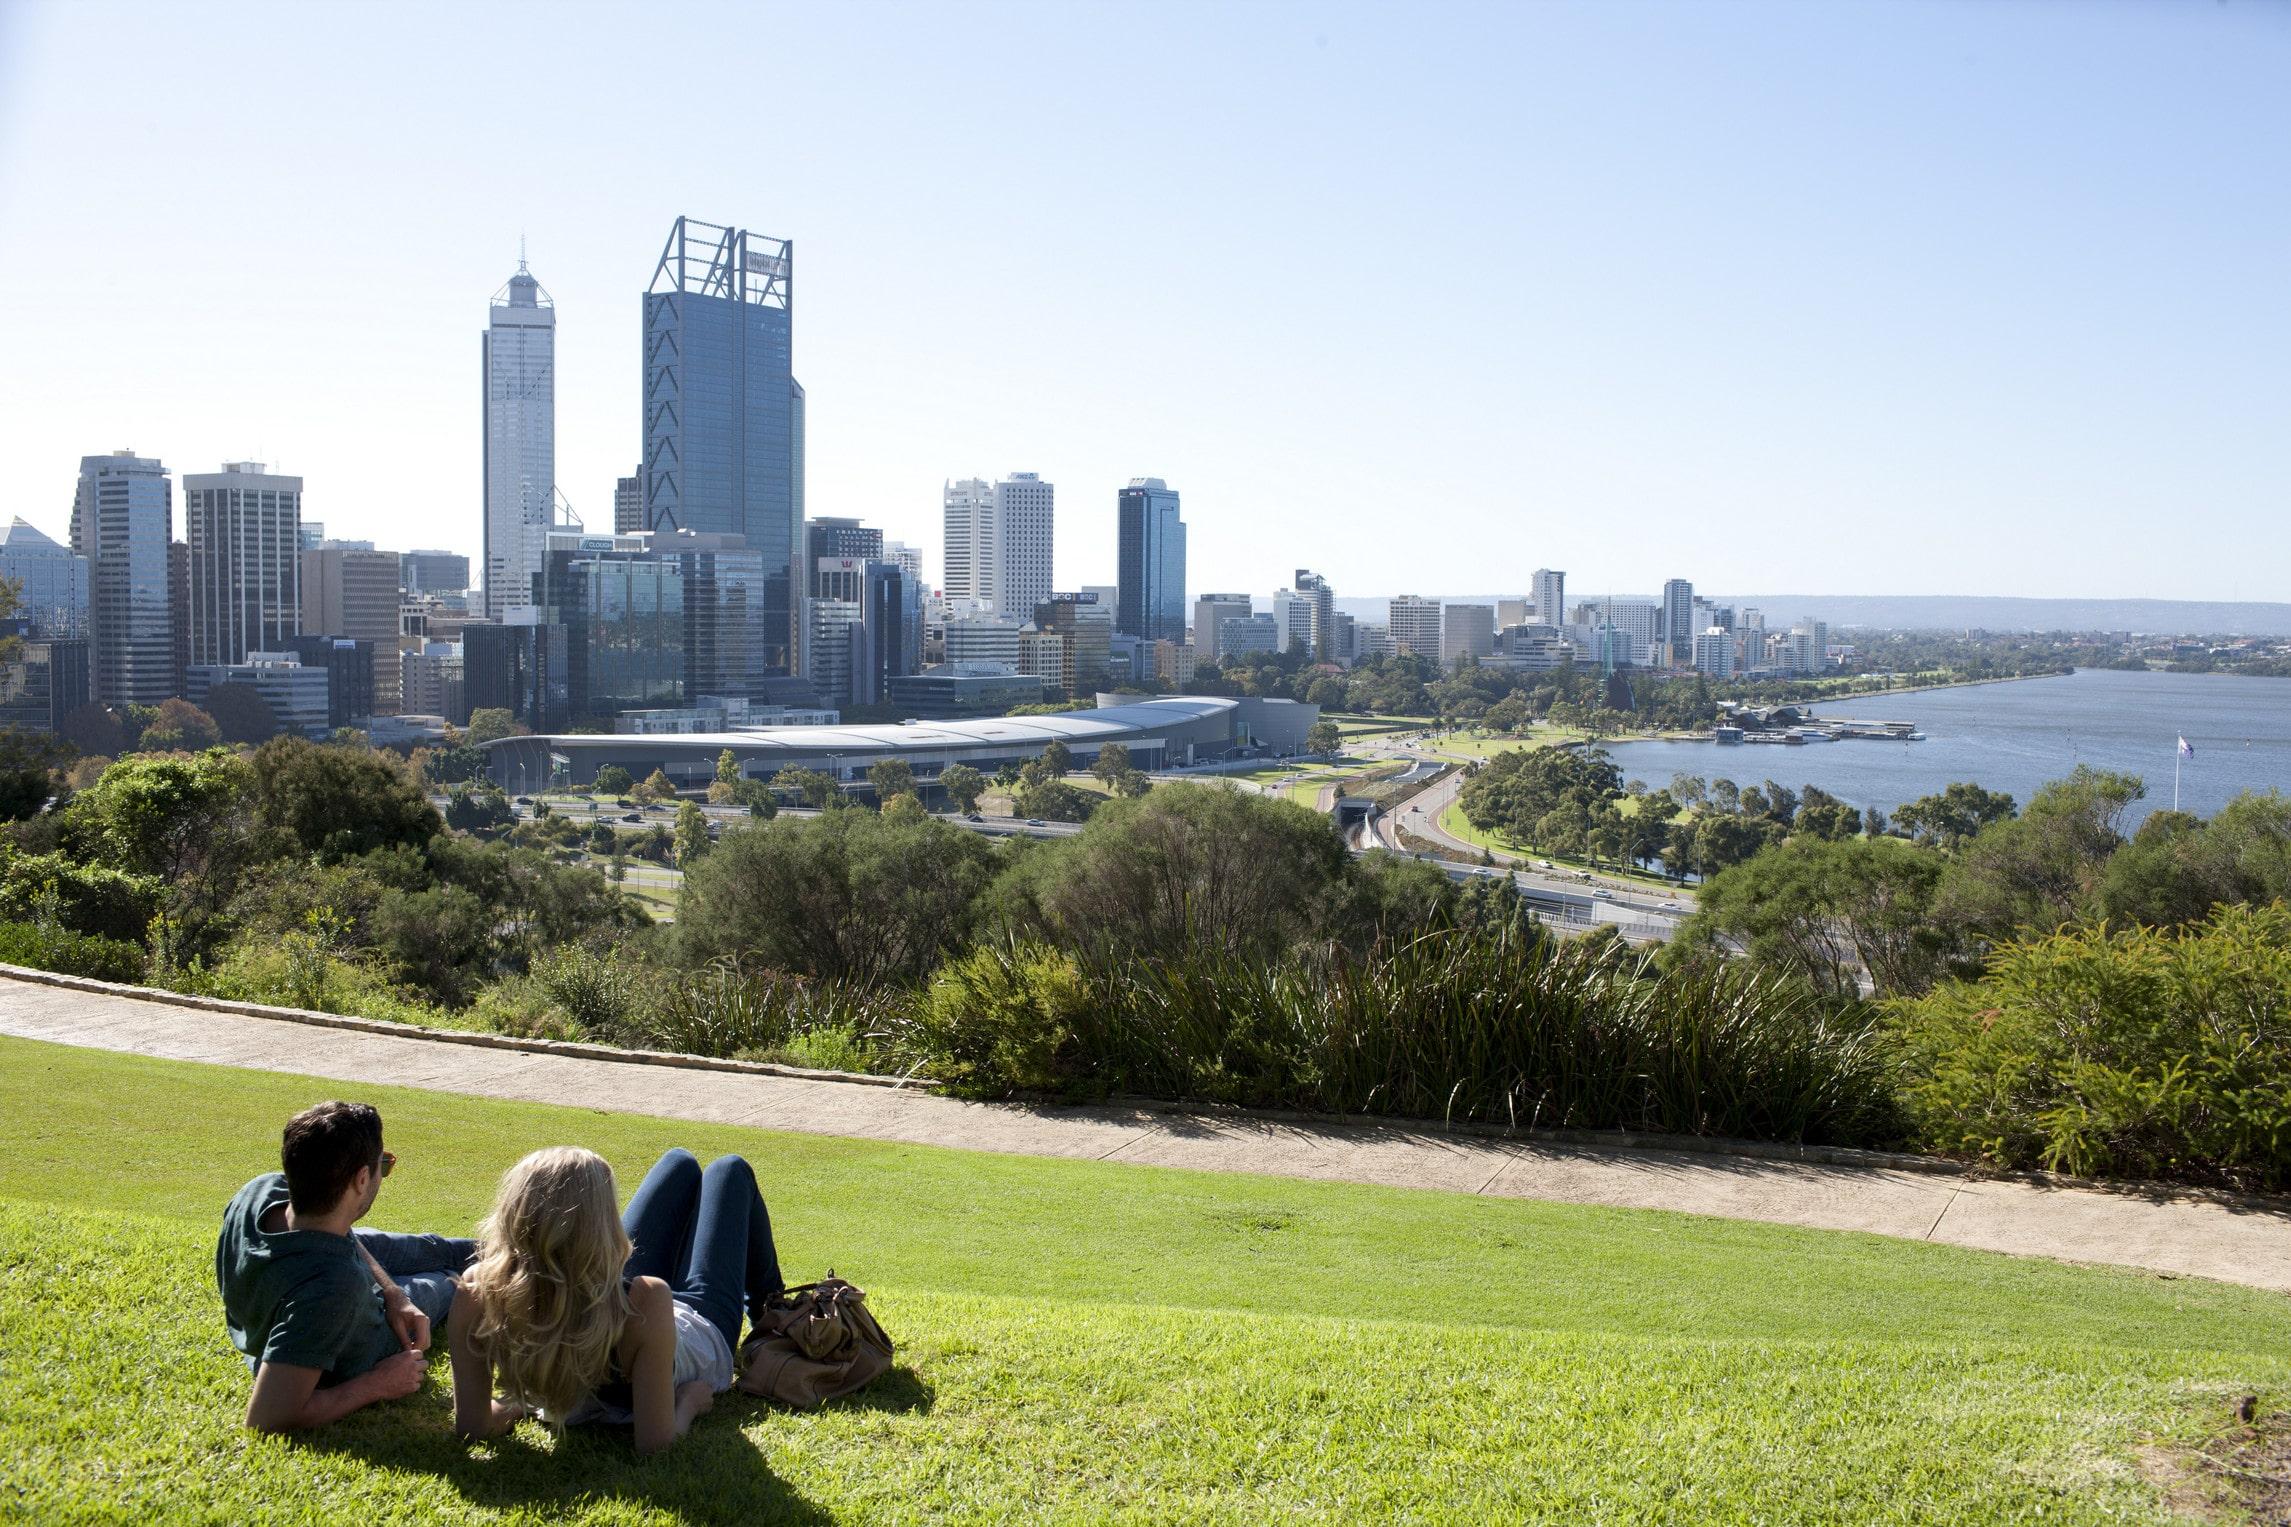 Un couple allongé sur l'herbe oberve le paysage urbain en Australie